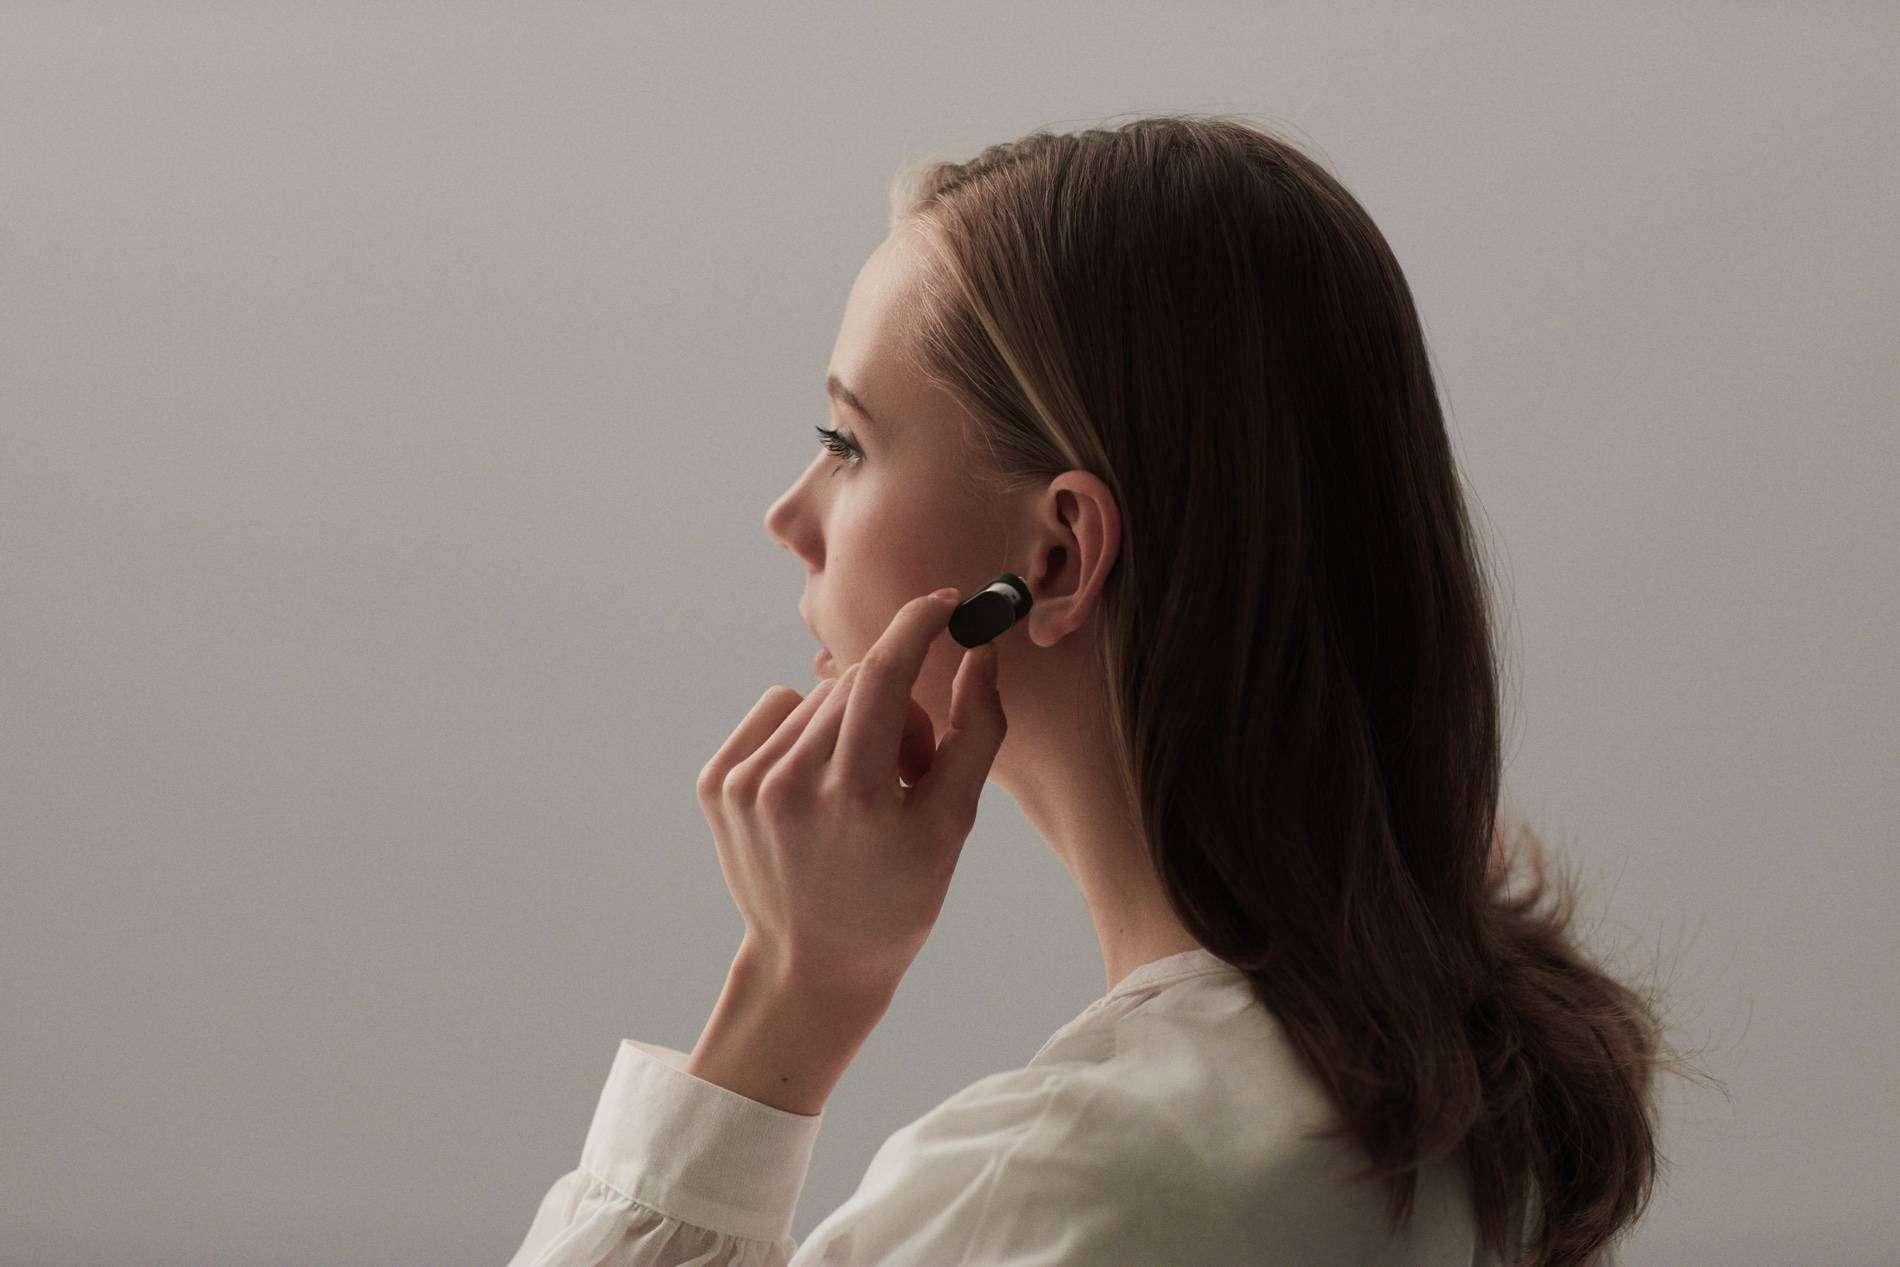 Xperia Ear Life AH 3